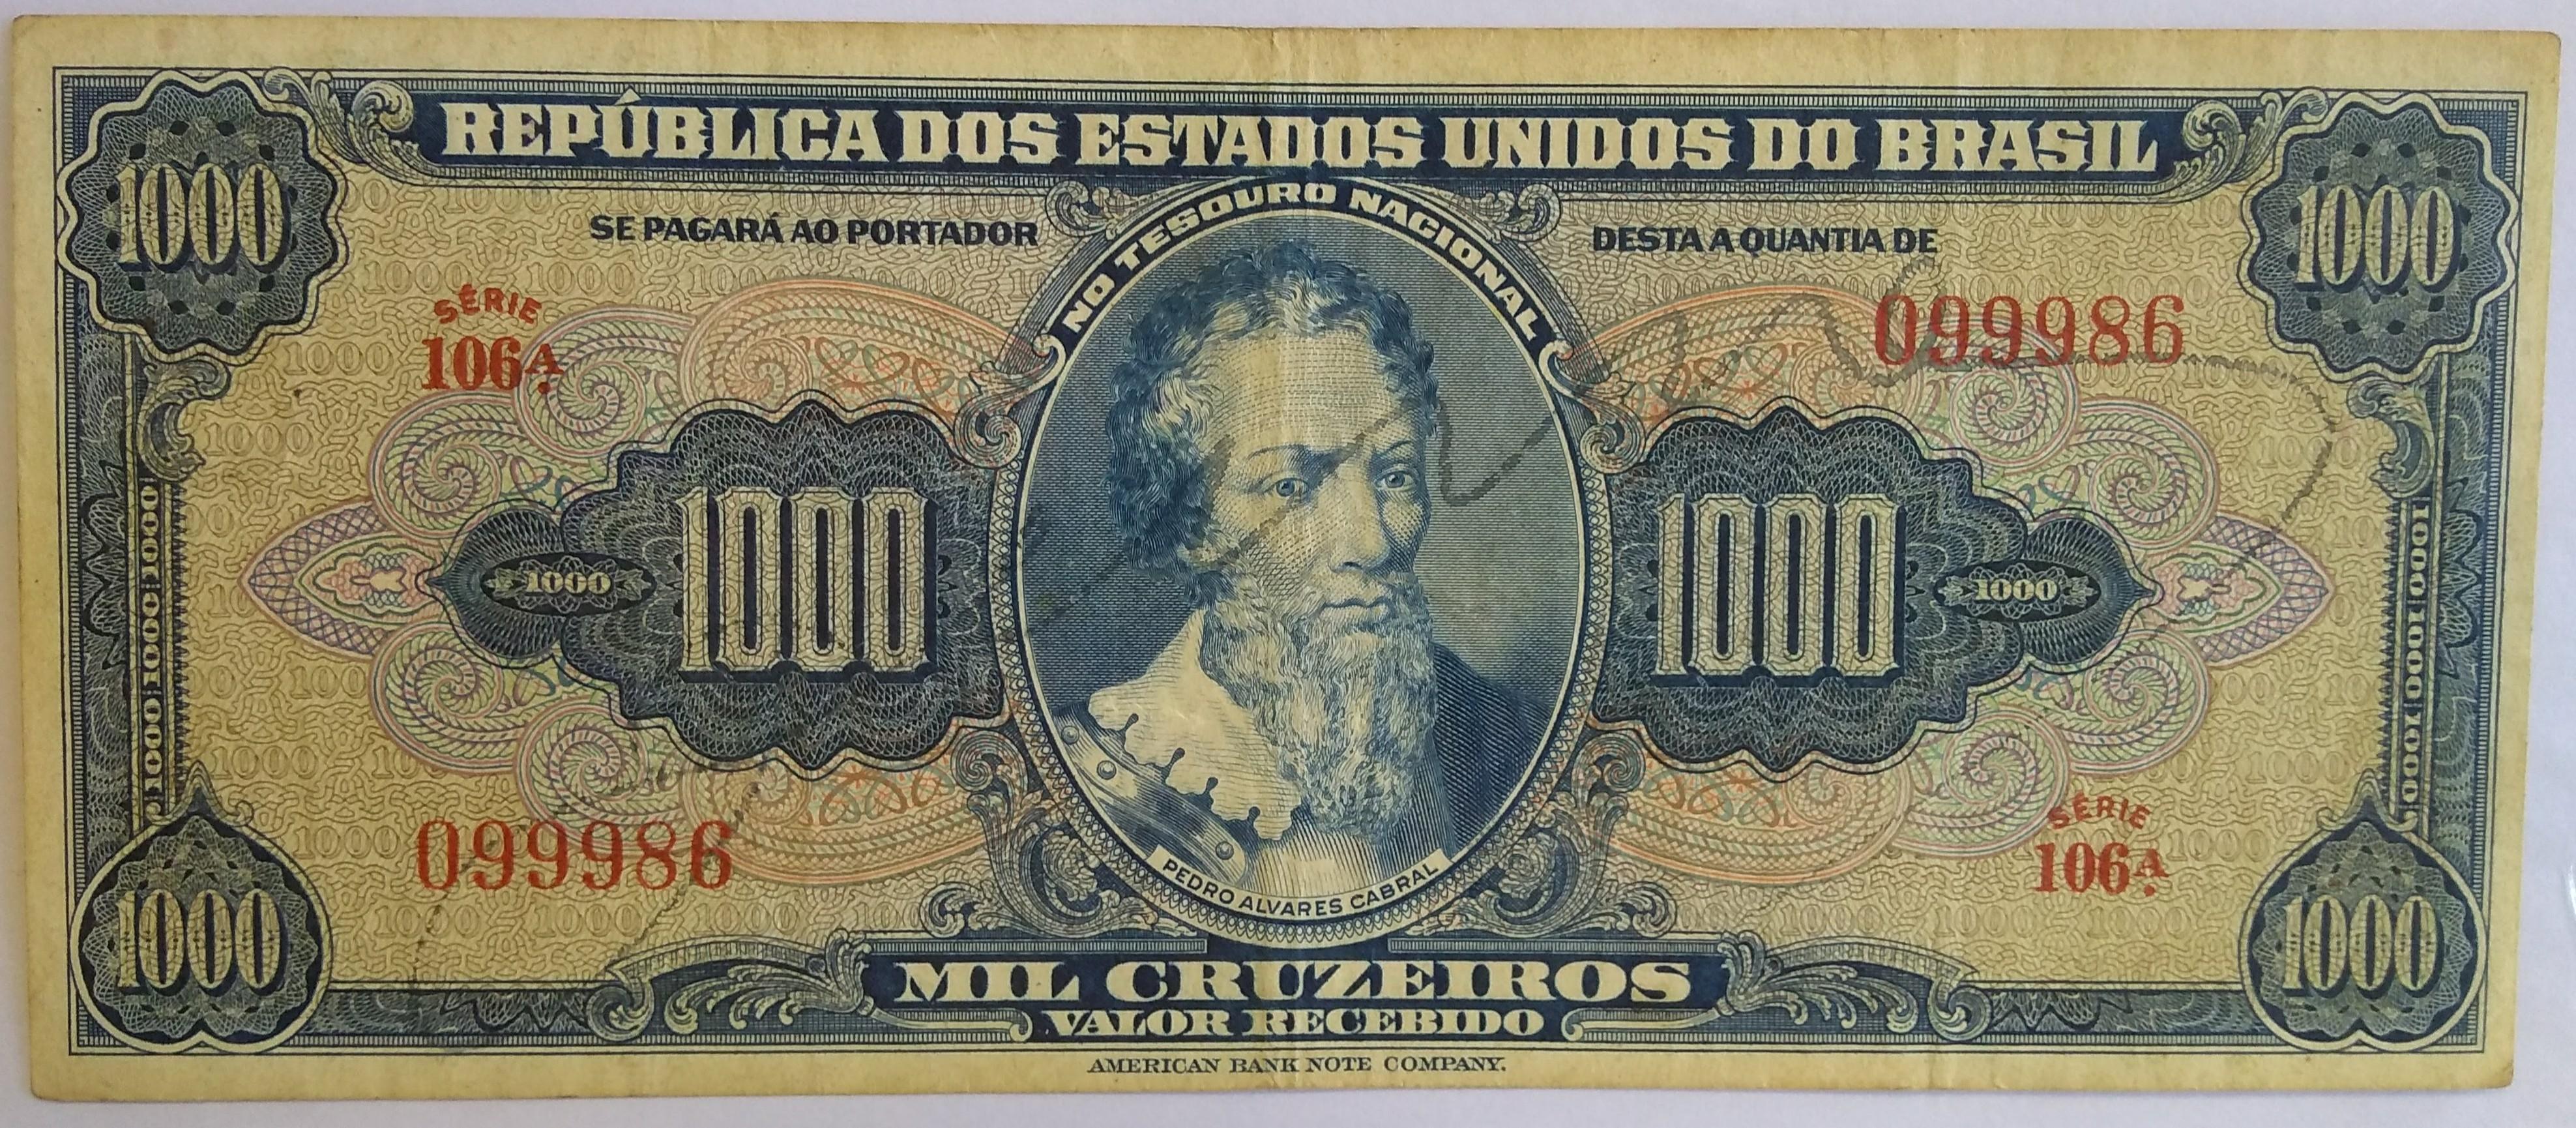 1000 CRUZEIROS